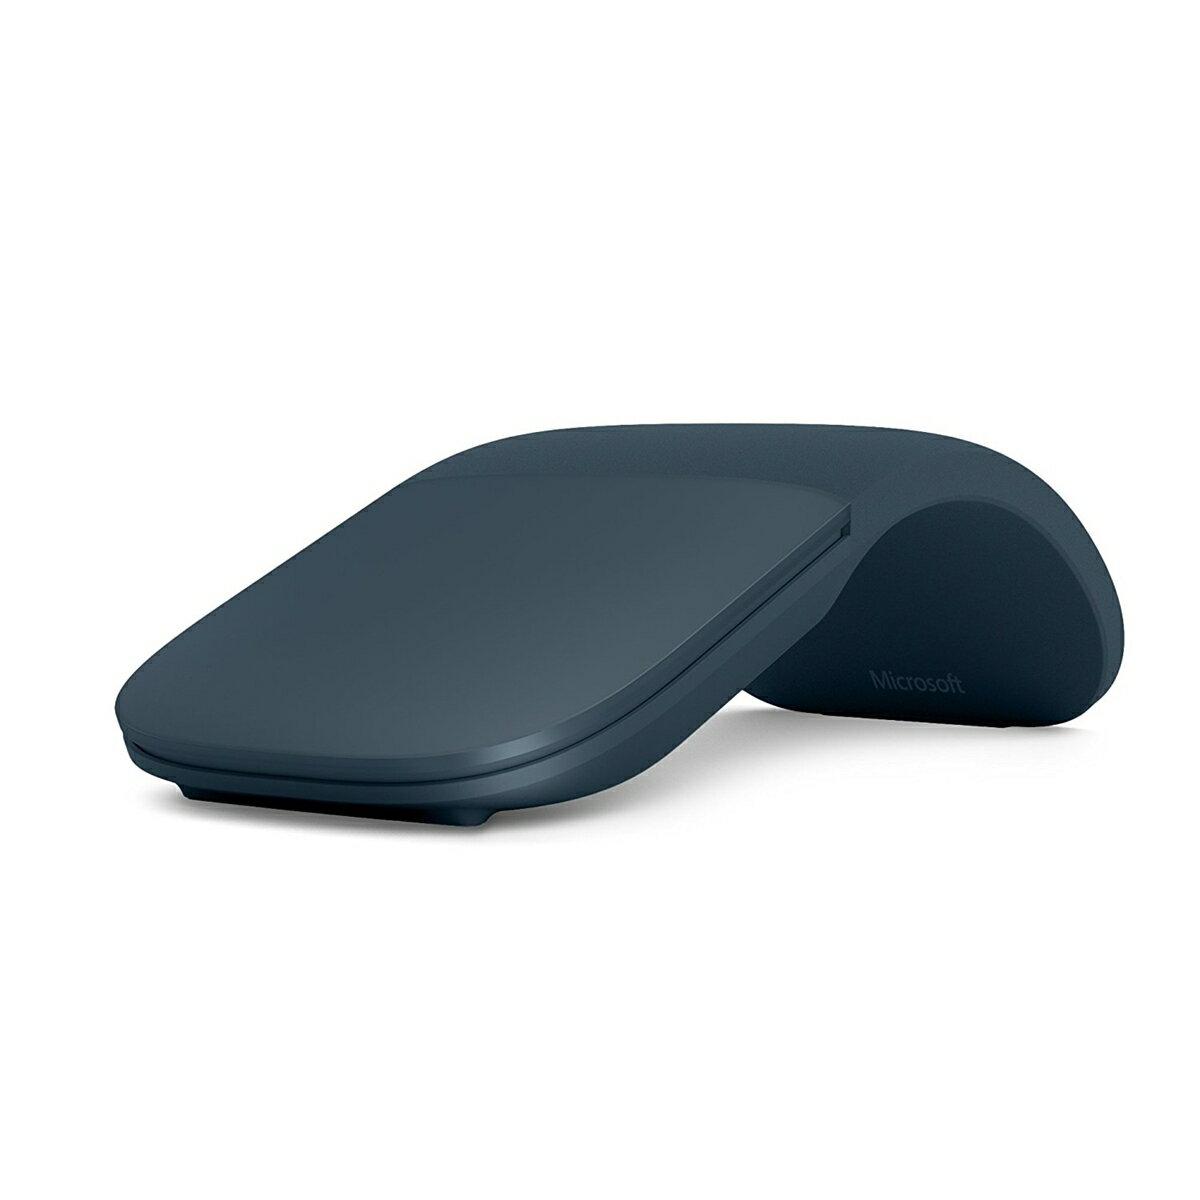 マイクロソフト Surface Arc Mouse コバルトブルー CZV-00057